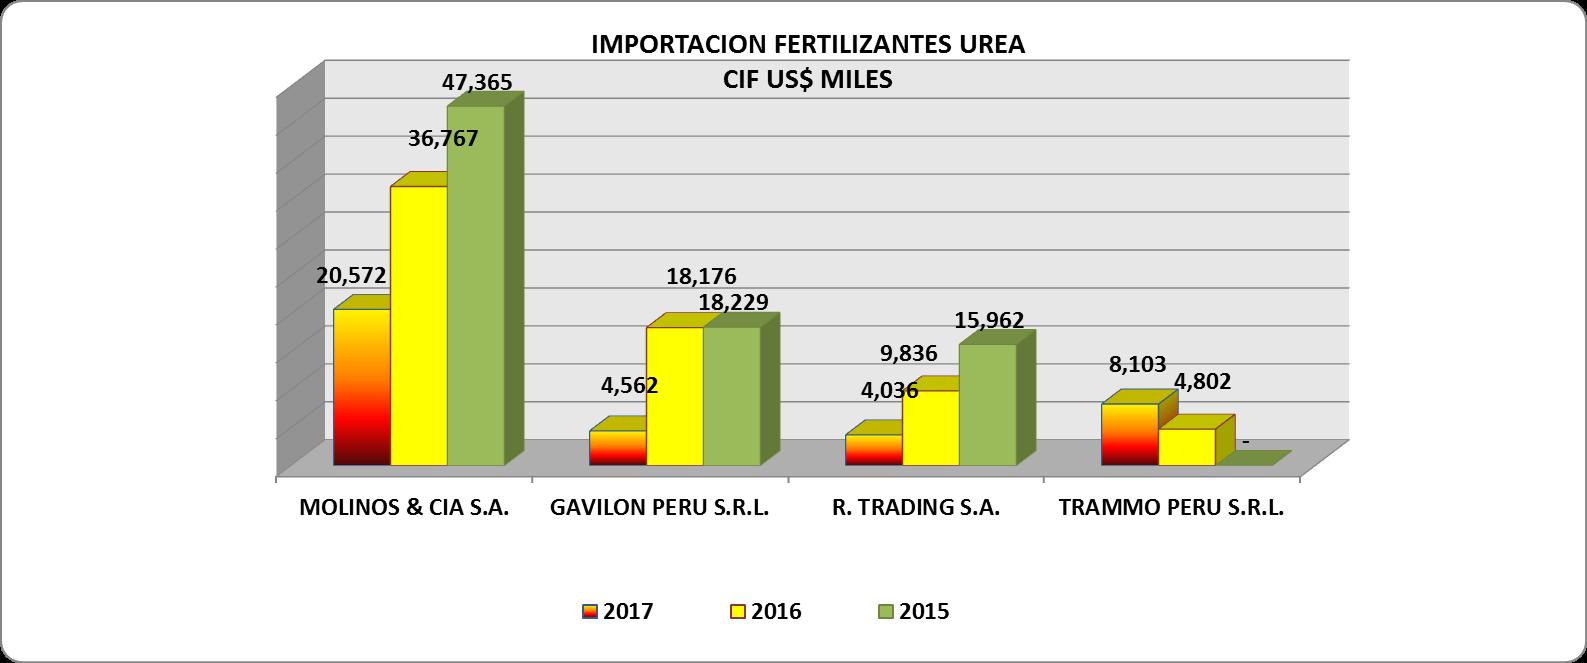 Urea Perú Importación 2017 Mayo